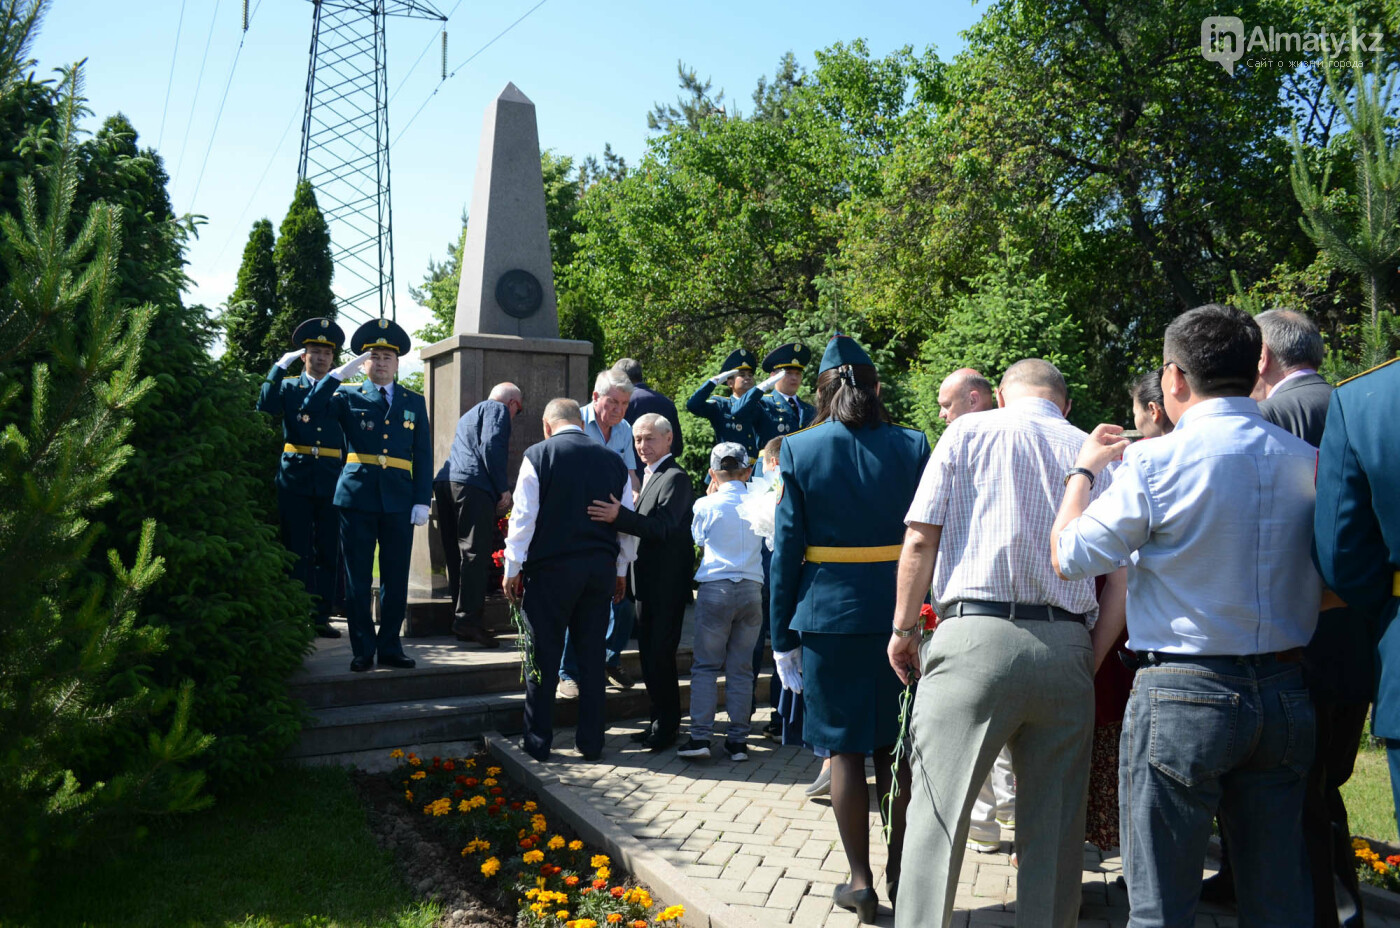 В Алматы почтили память пожарных героически погибших 30 лет назад , фото-14